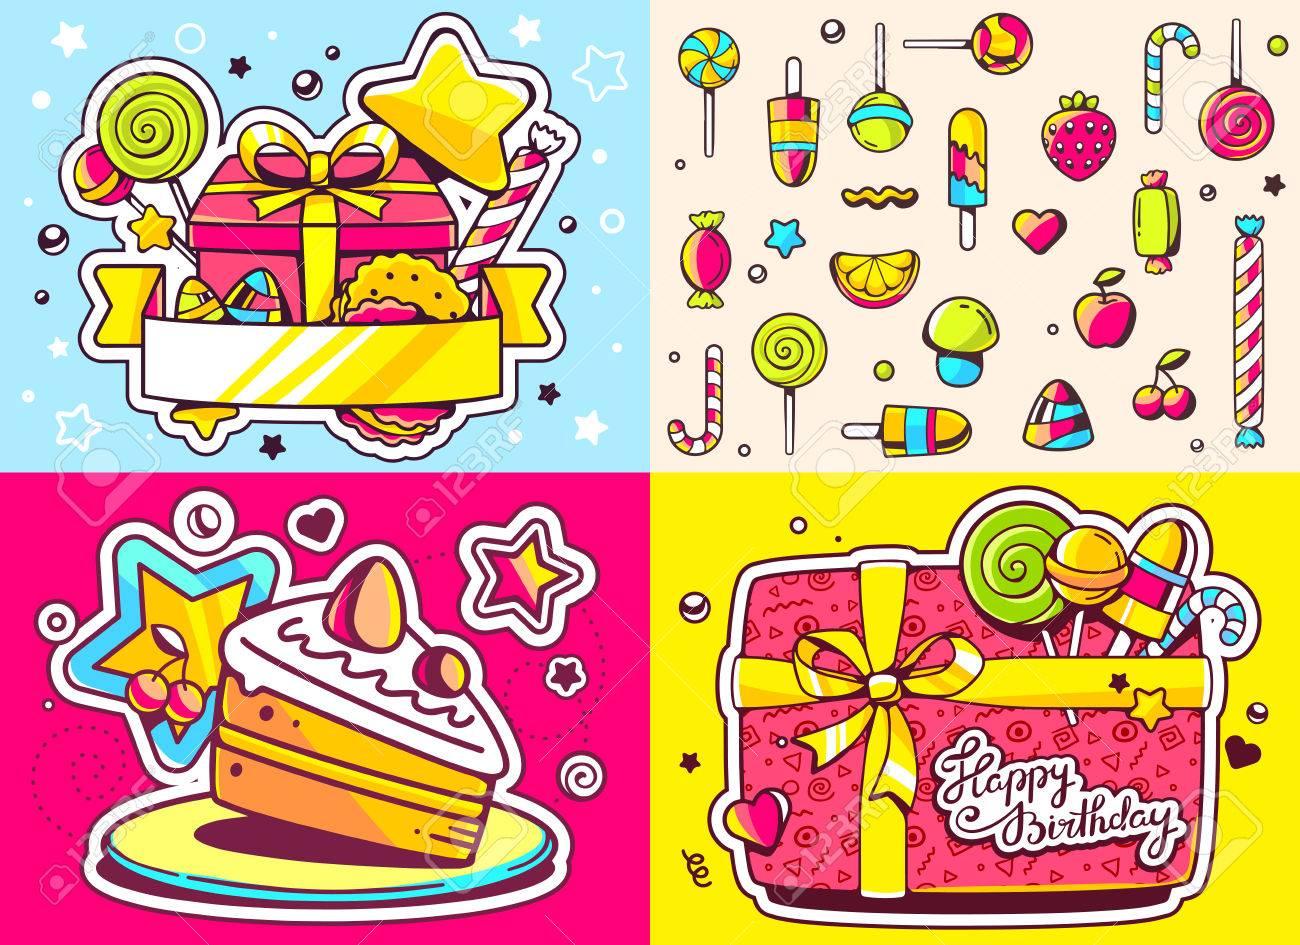 Vektor Kreative Bunte Reihe Von Geburtstag Illustration Mit Geschenk